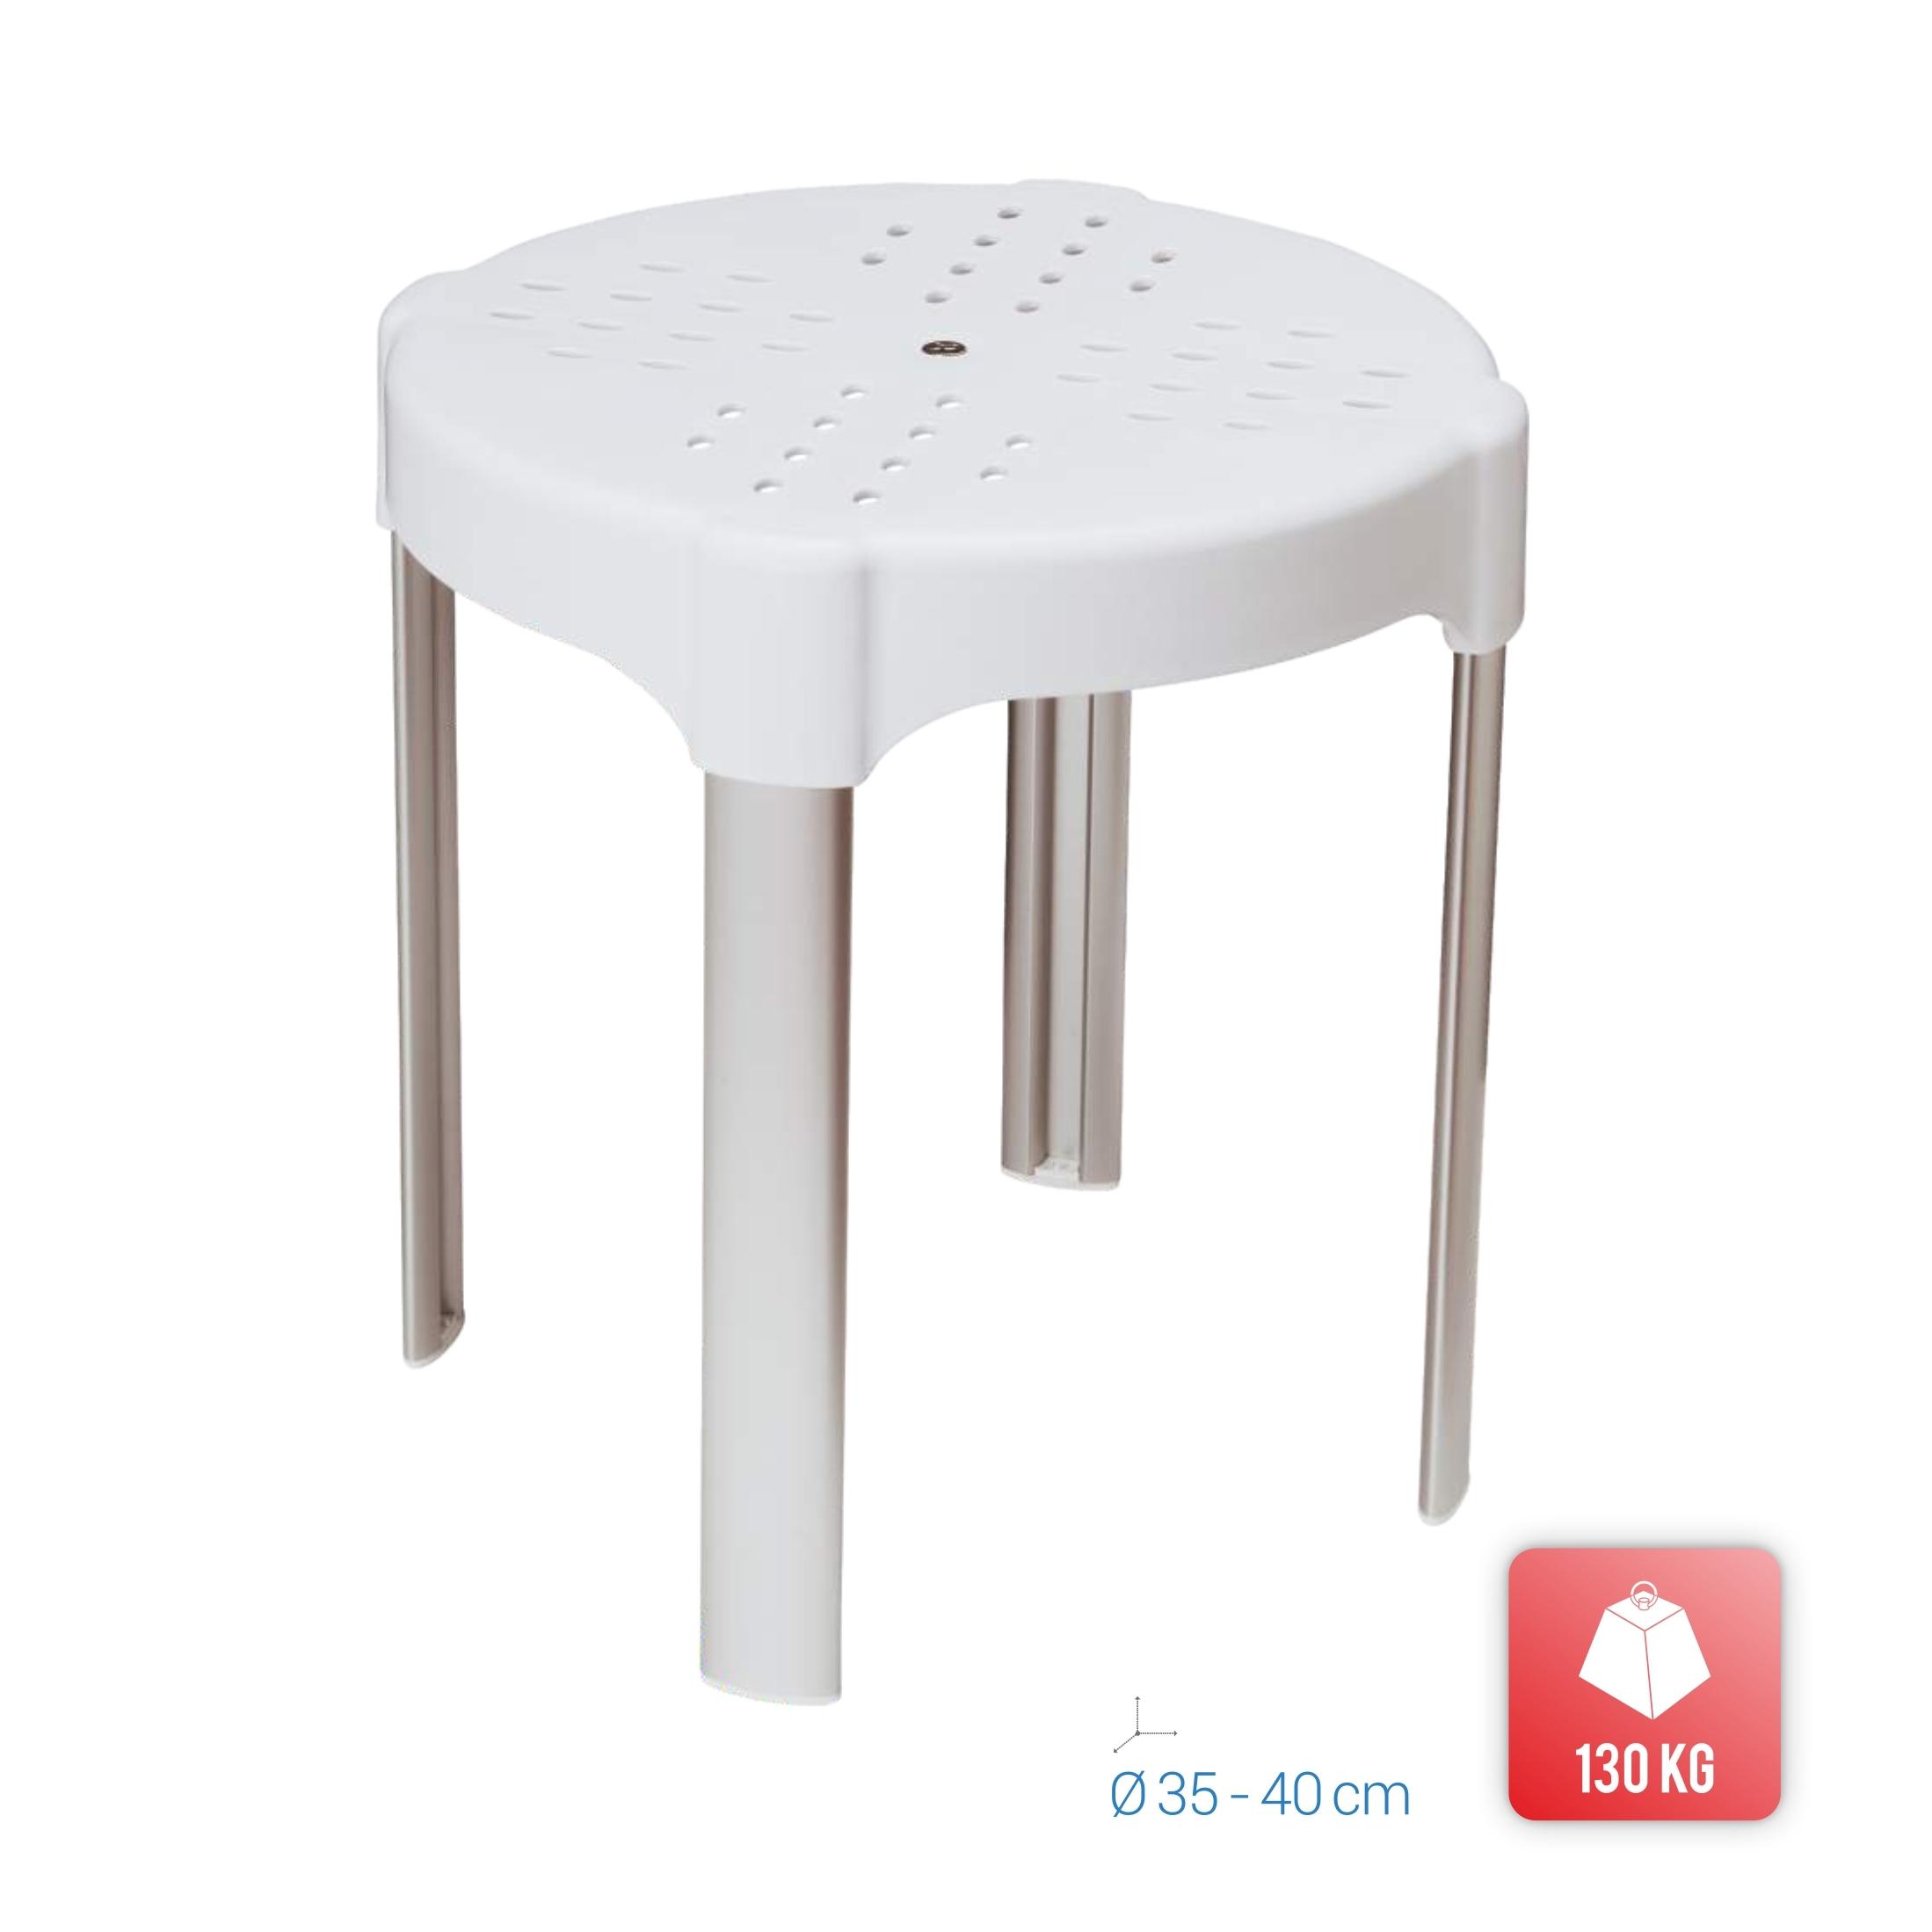 Scaun baie pentru persoane cu dizabilitati Metaform Comfort Line 101307602